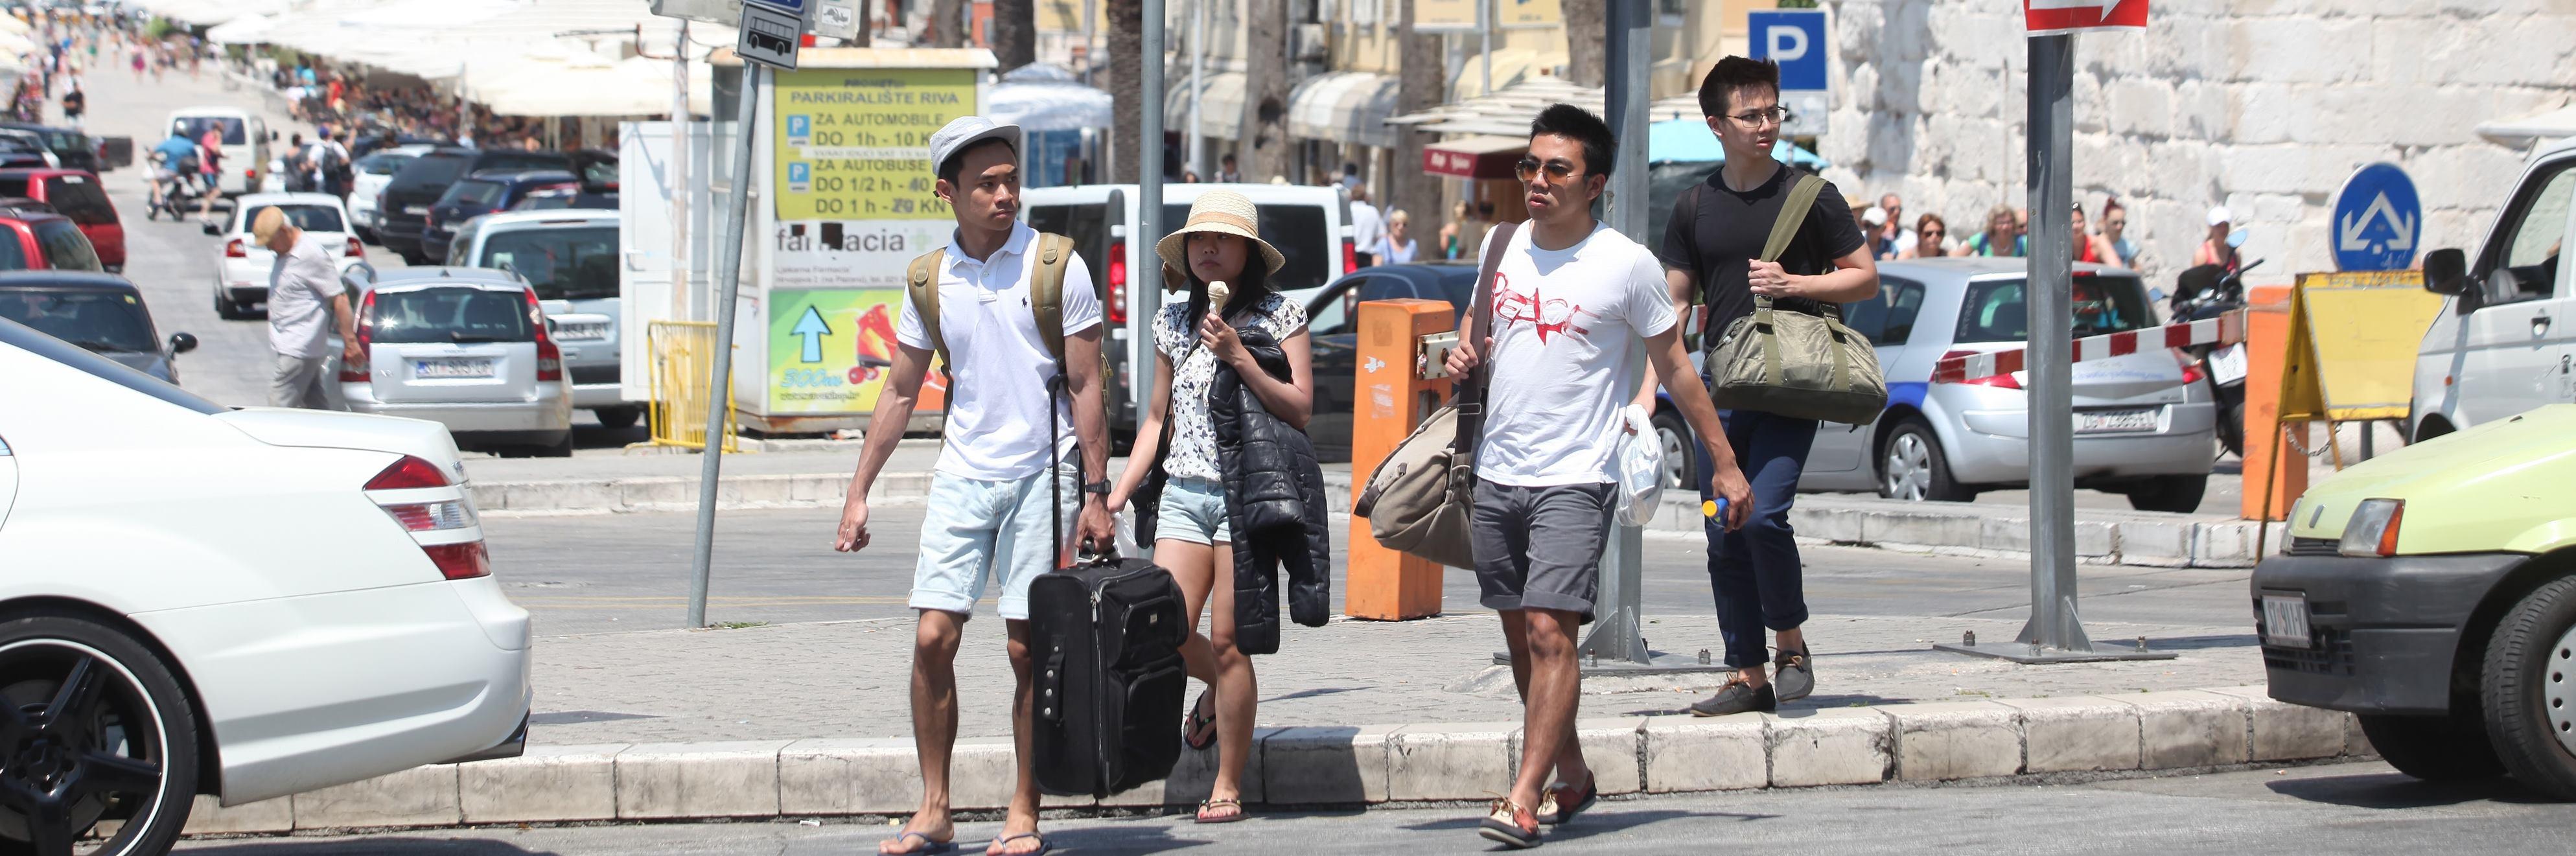 Turističke strukovne udruge pozdravljaju prijedloge tri turistička zakona